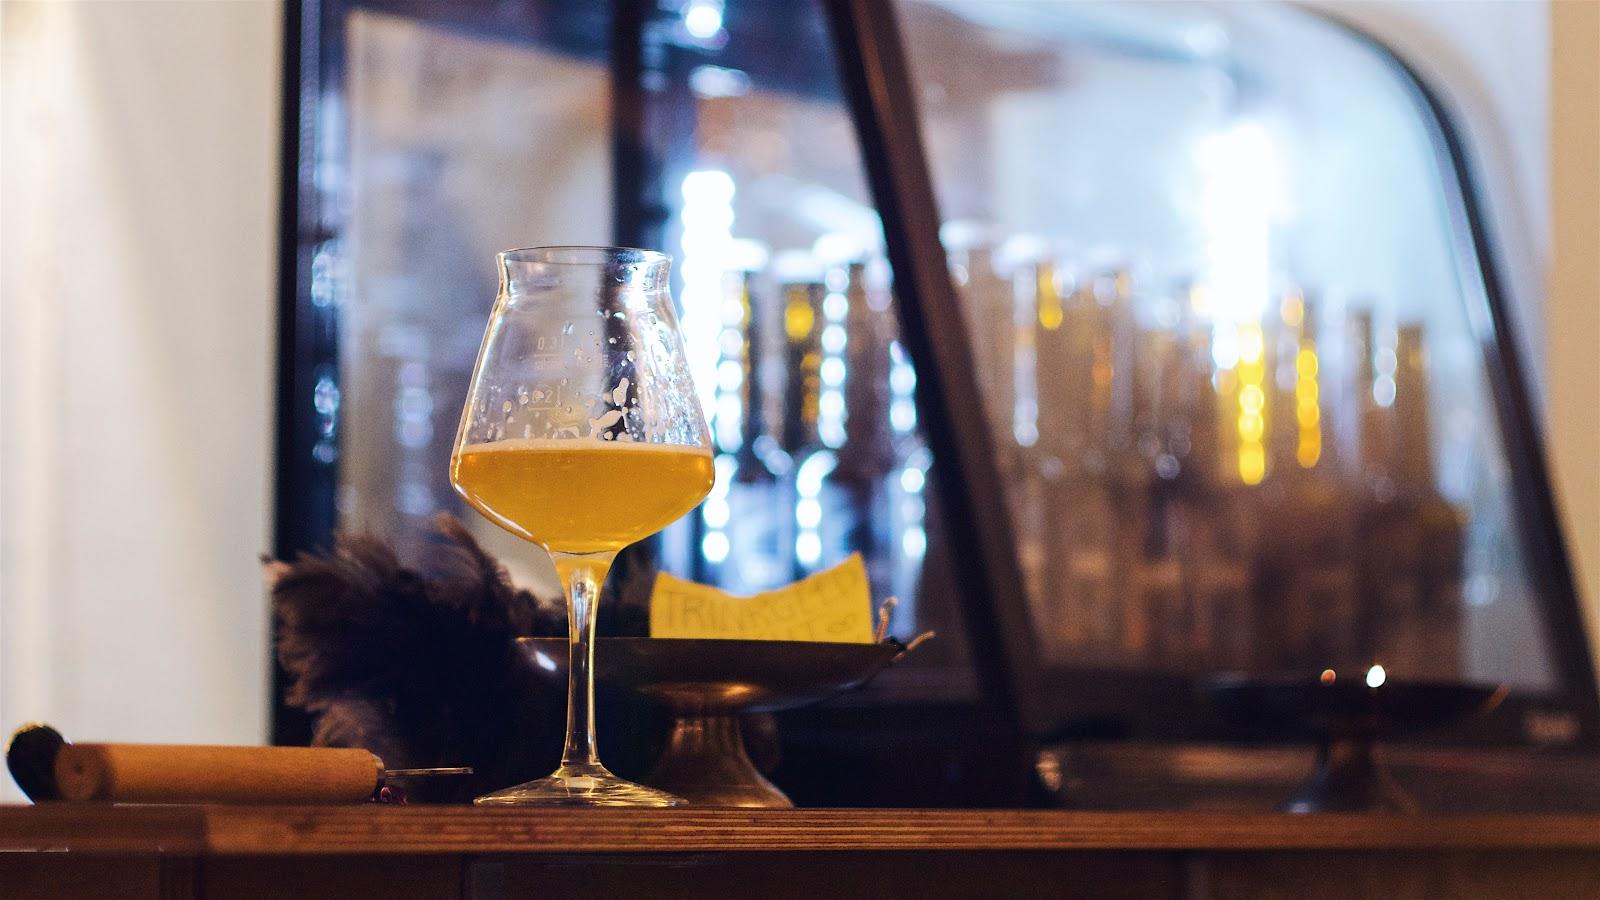 Schwebisch Hell Bier im Tastinglas - Das Wuppertaler Bier aus dem Craft Beer Kiosk